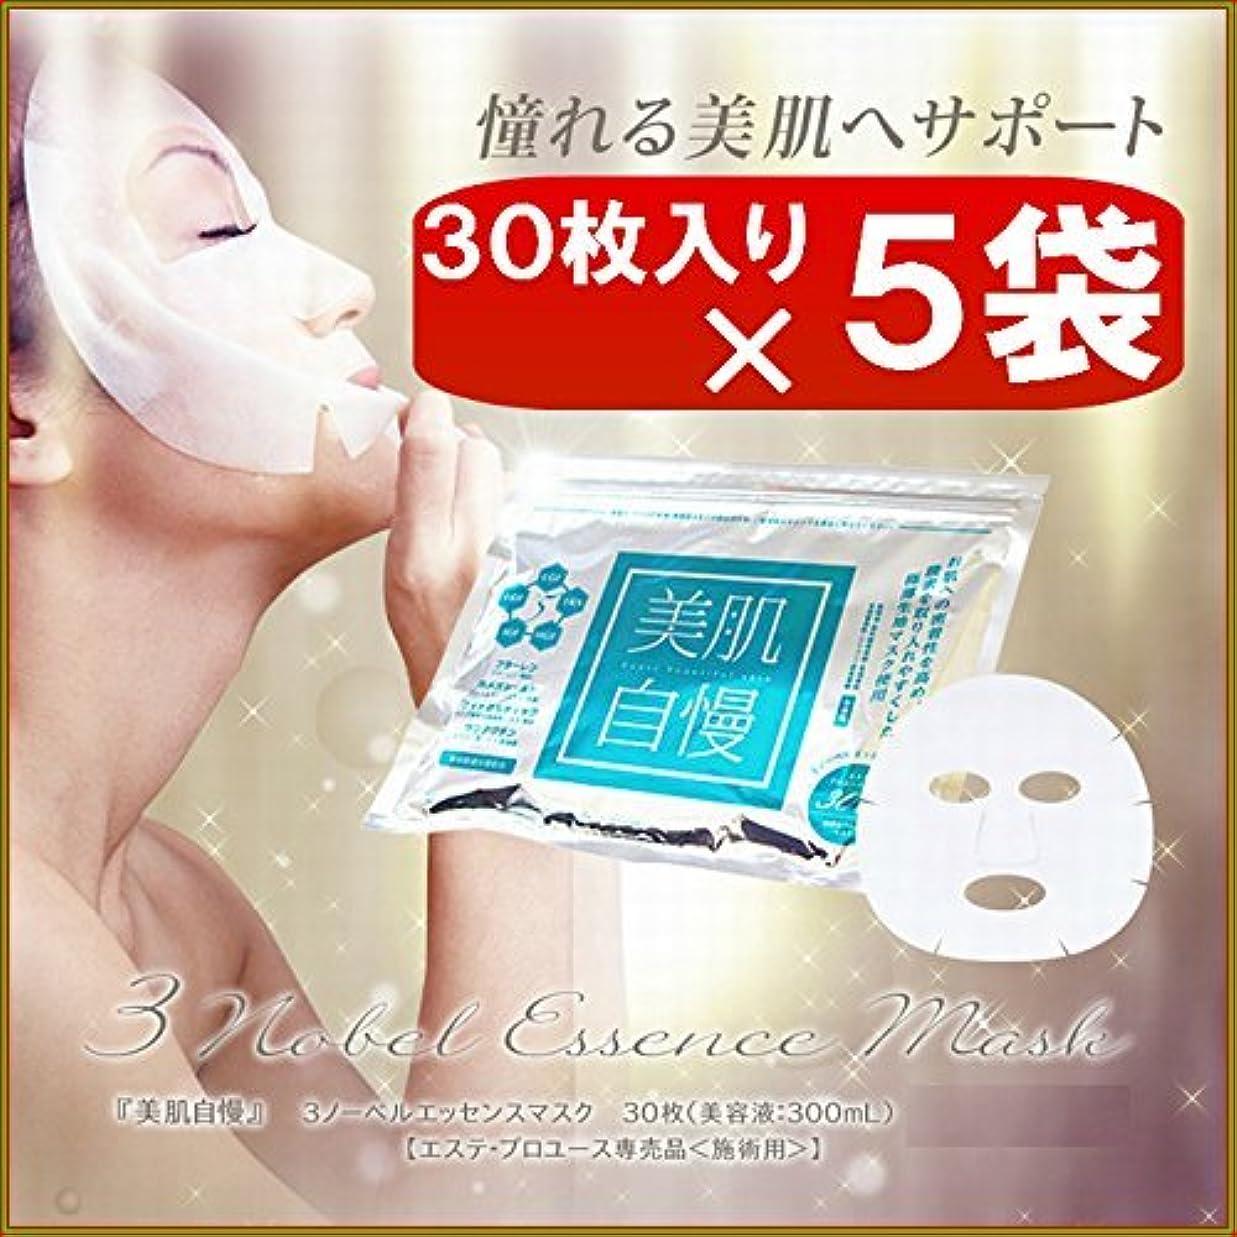 モードリン九来て美肌自慢フェイスマスク 30枚入り ×超お得5袋セット 《エッセンスマスク、EGF、IGF、ヒアルロン酸、プラセンタ、アルブチン、カタツムリエキス、しみ、しわ》